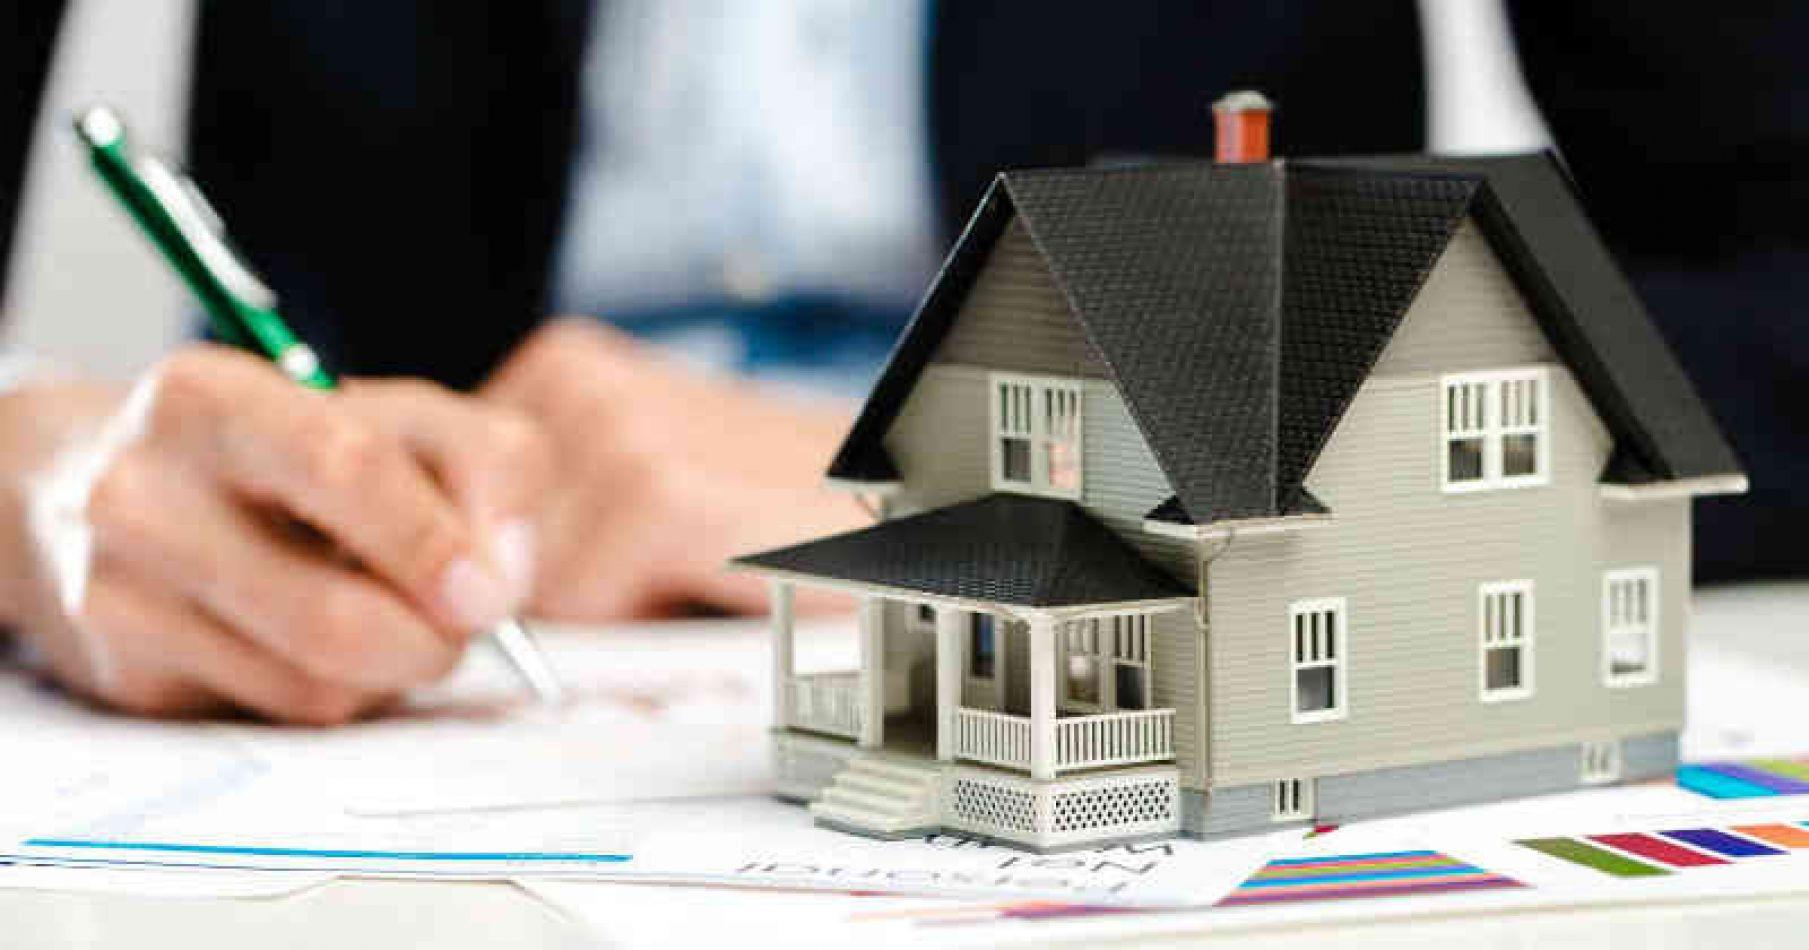 Взять кредит на реконструкцию частного дома как взять кредит под залог недвижемости